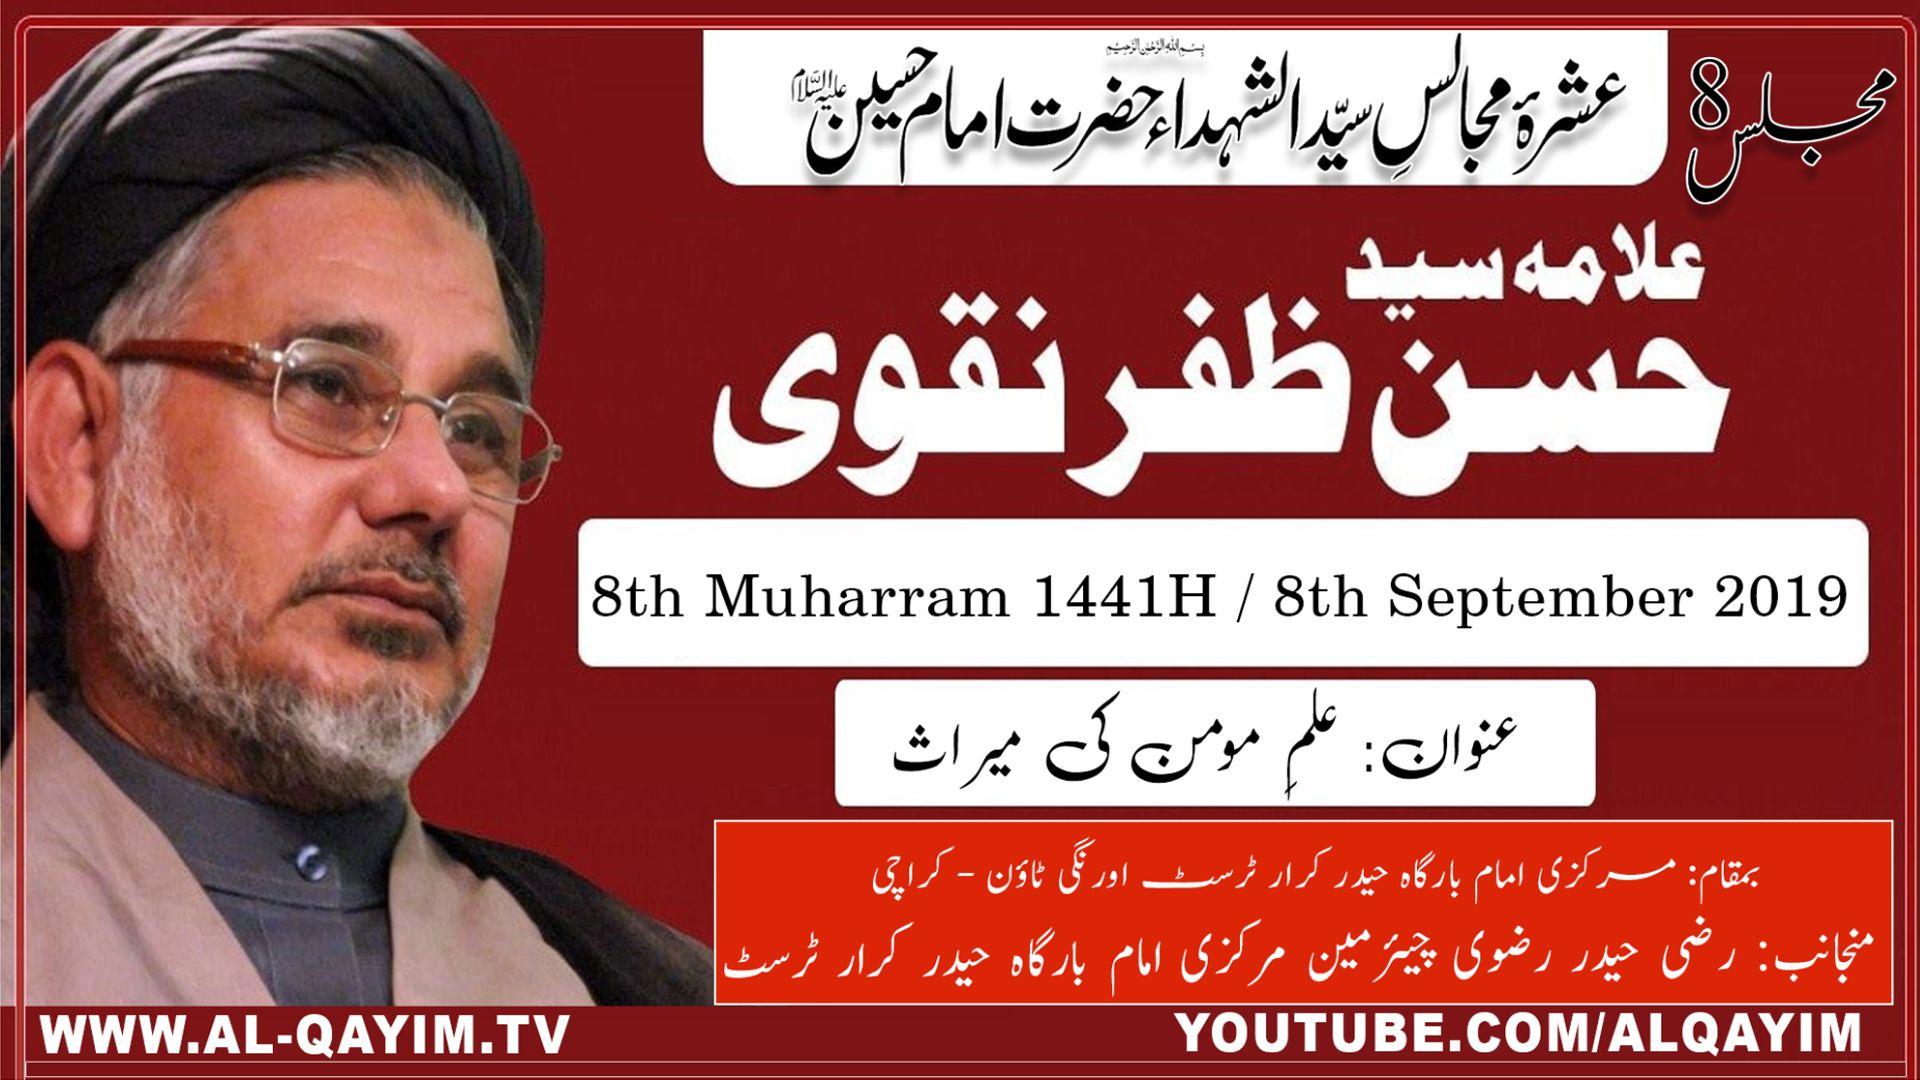 8th Muharram Majlis - 2019 - Moulana Hasan Zafar Naqvi - Imam Bargah Haider-e-Karar Orangi Town